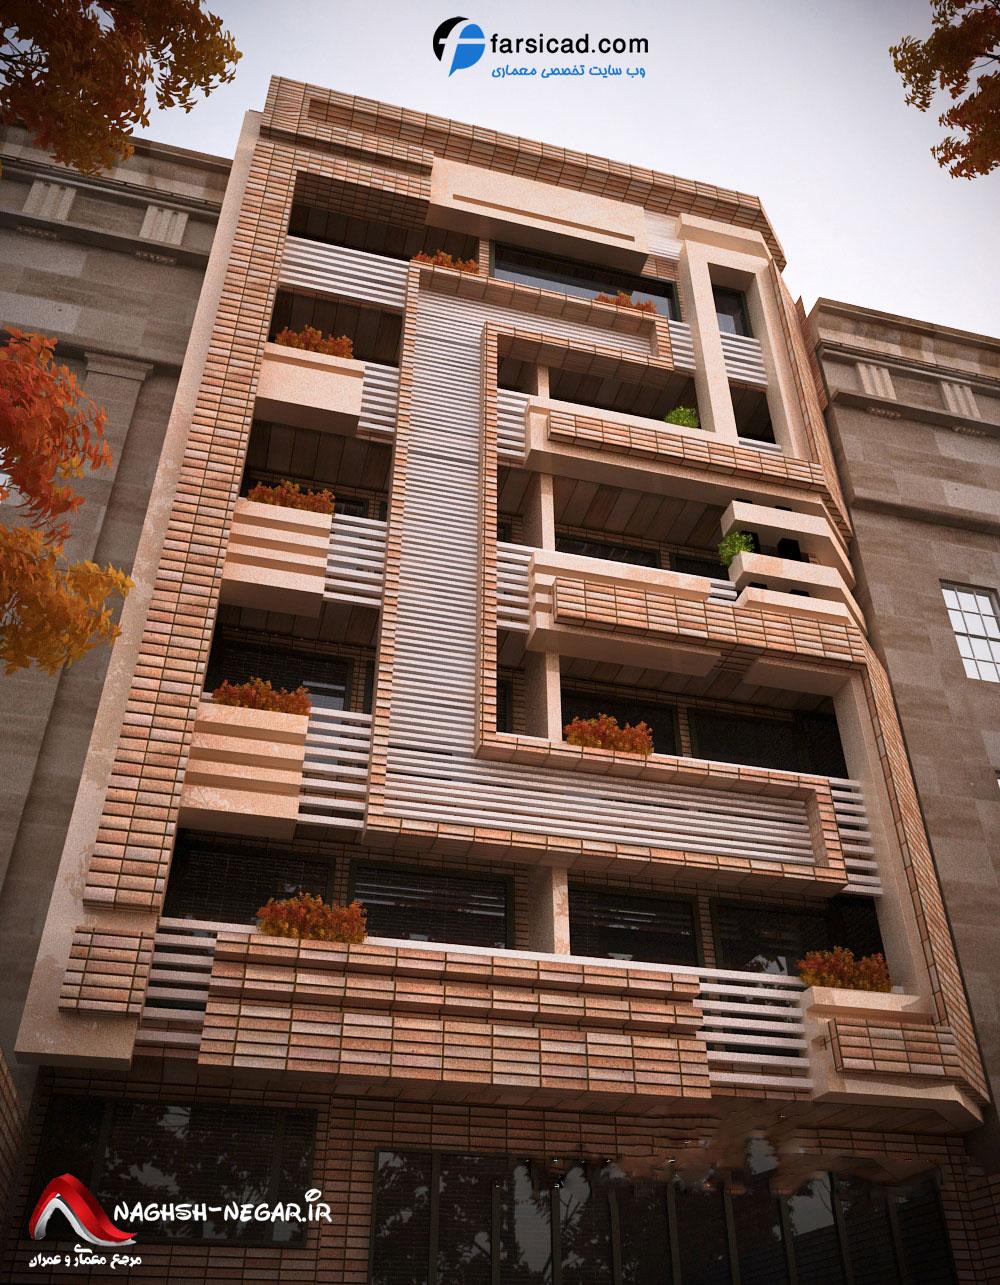 فروش طبقه چهارم از آپارتمان 6 طبقه در شهرک آزادی